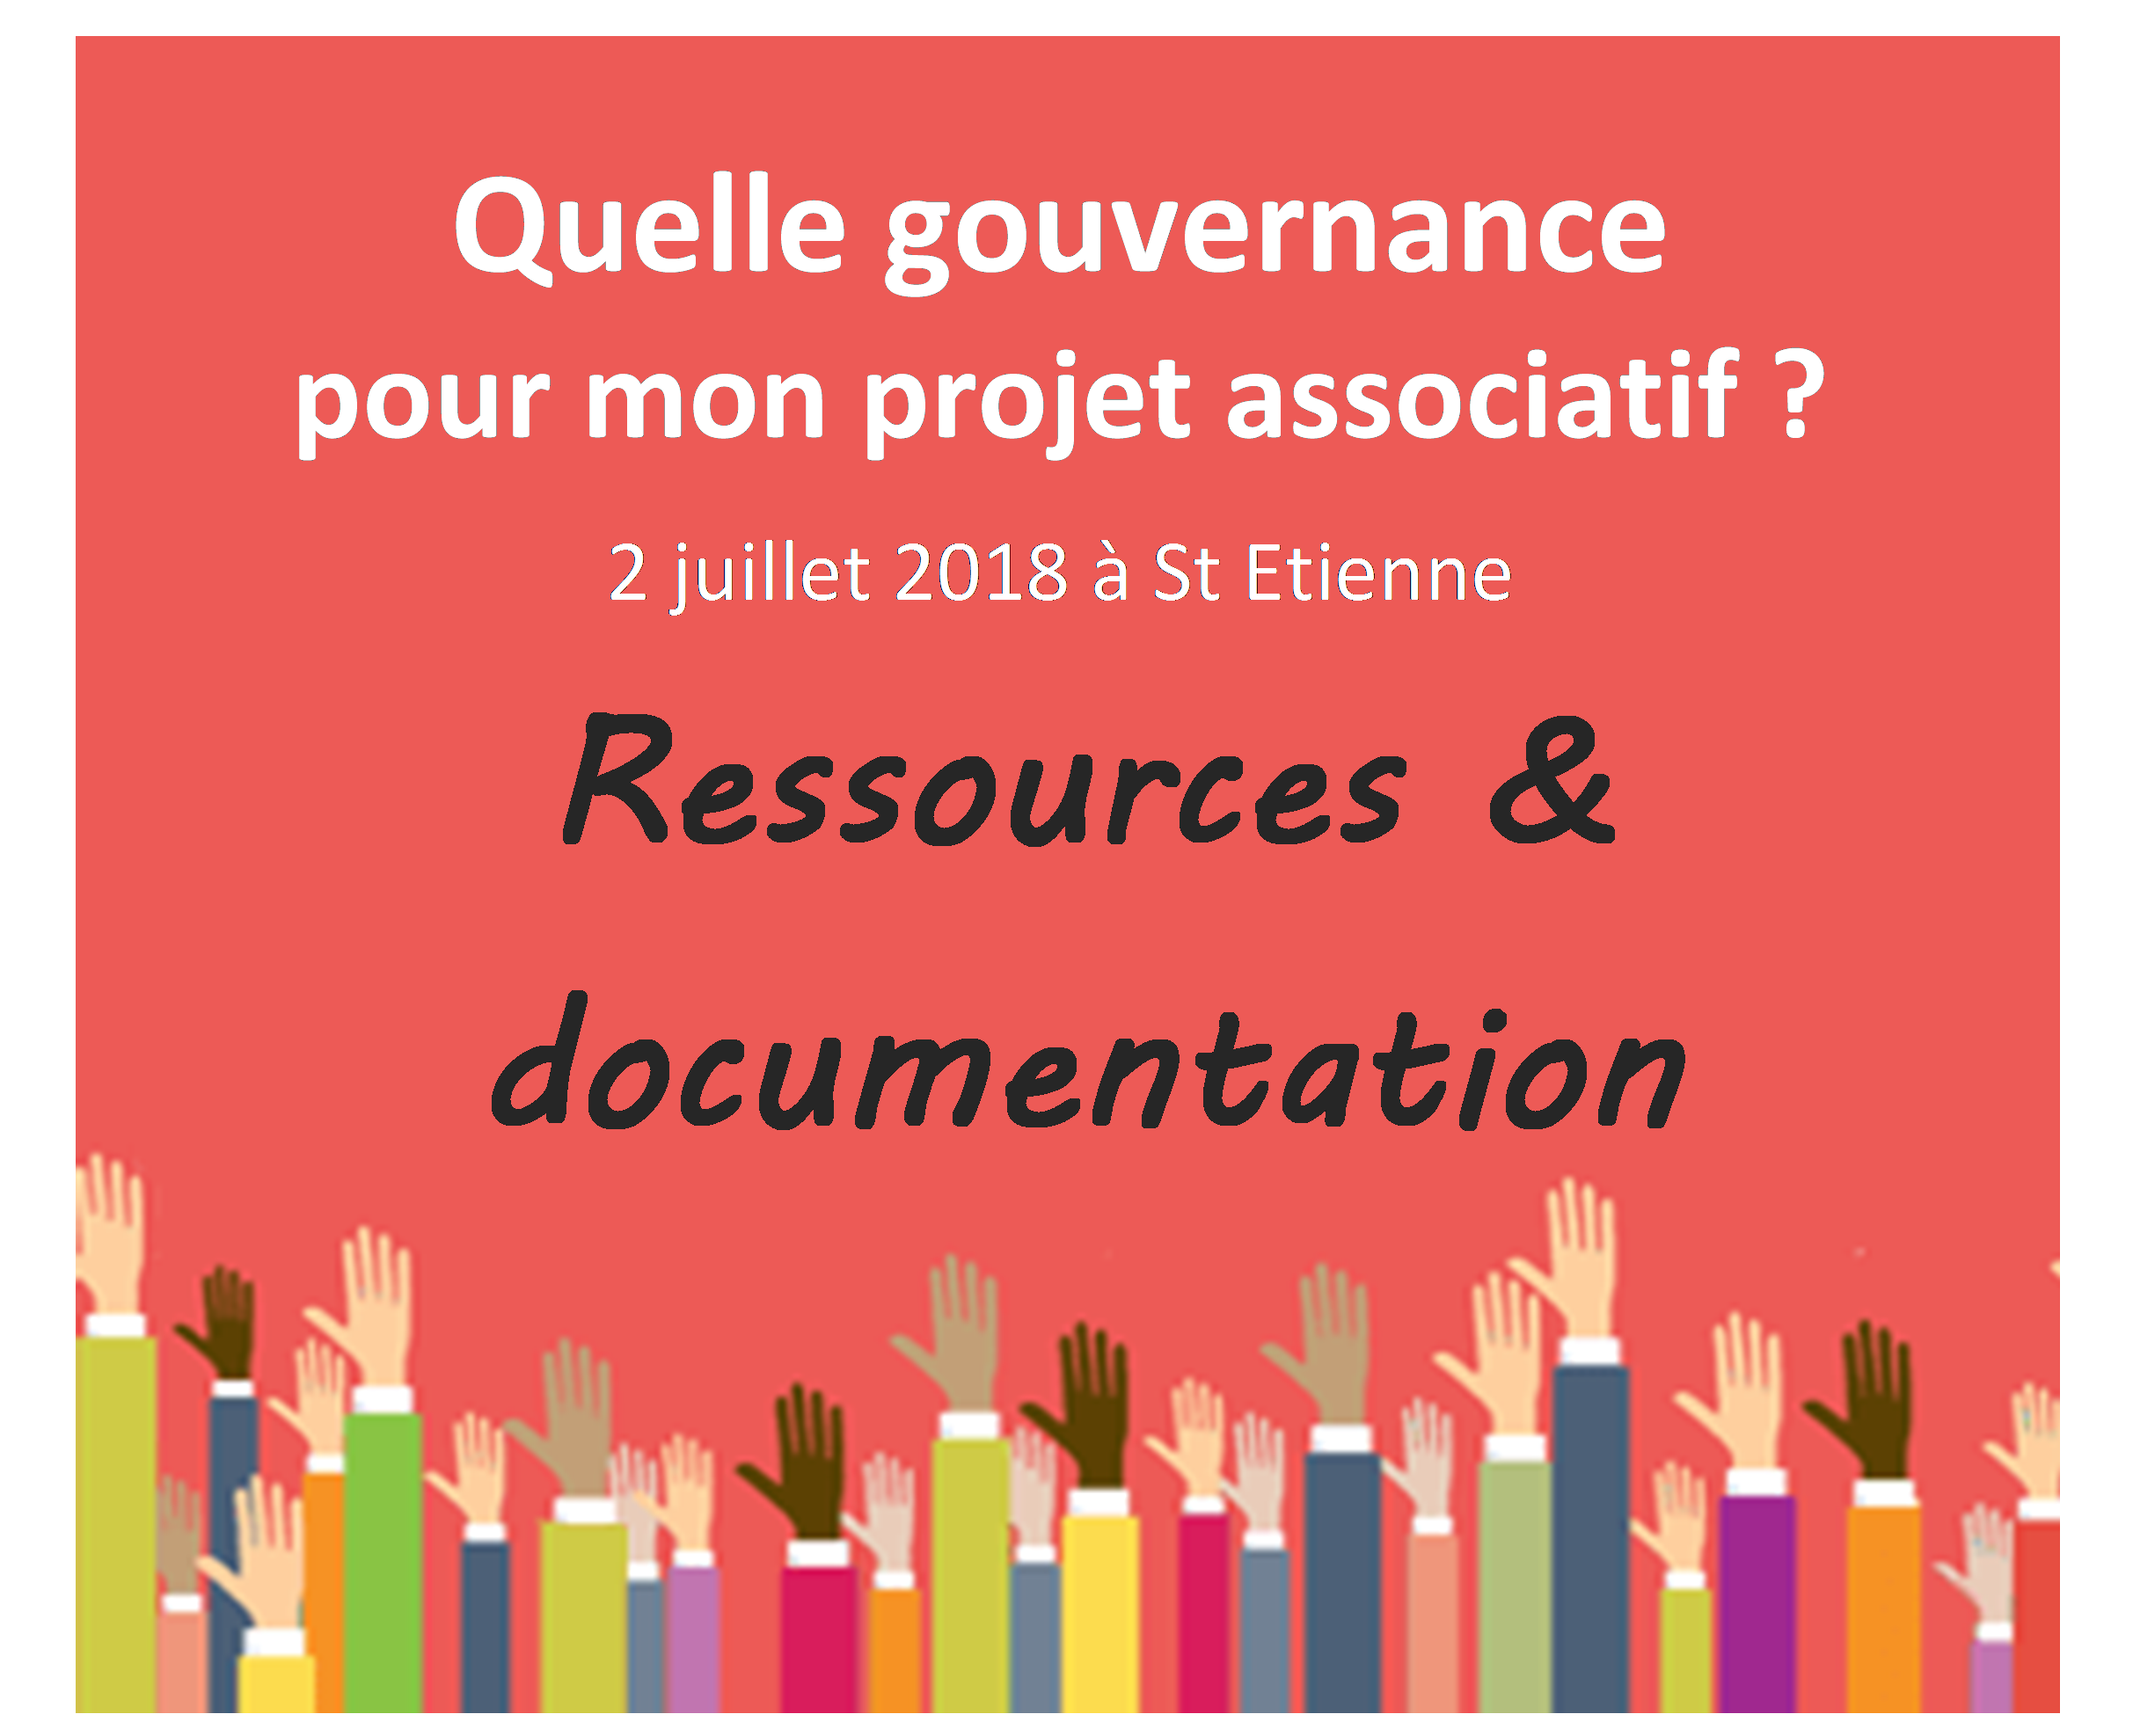 logo-ressources-jouréne-gouvernance